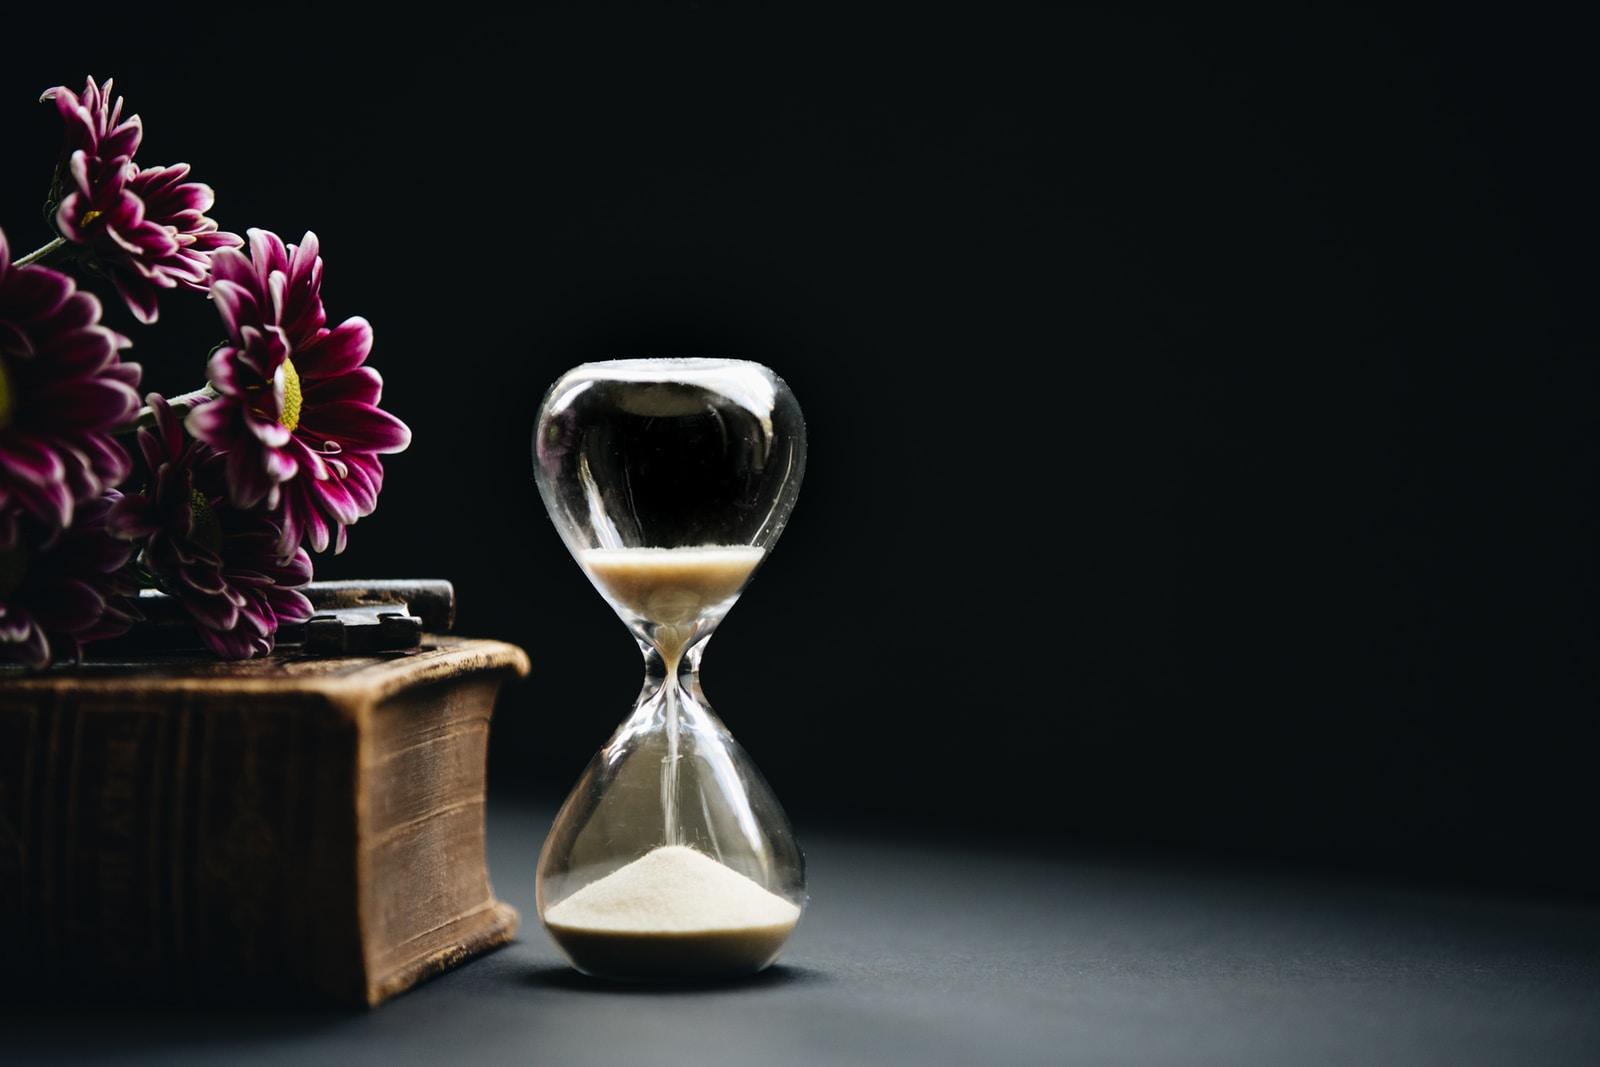 πως να κερδίσετε χρόνο